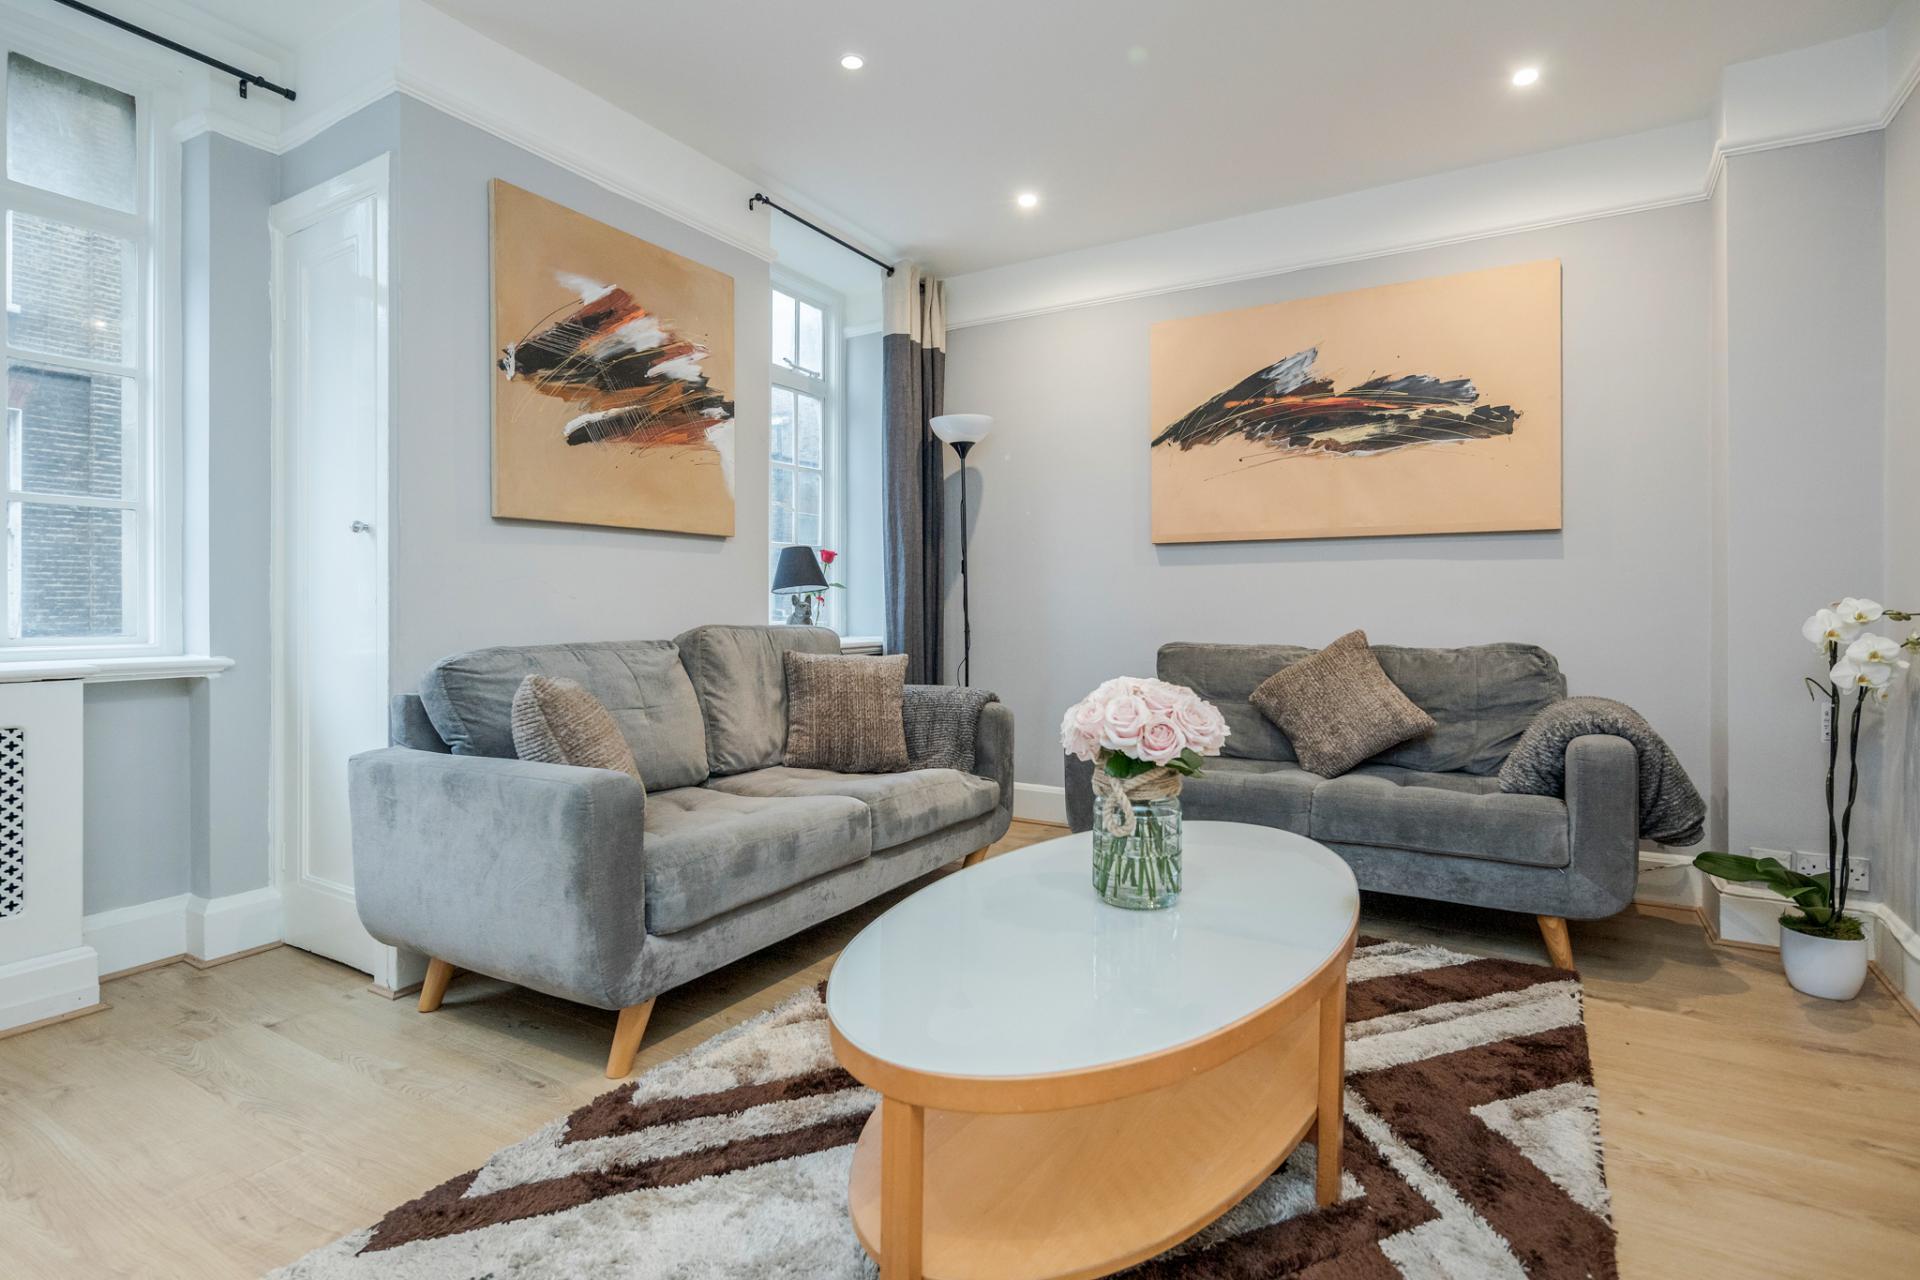 Sofas at Marylebone Luxury Apartments, Marylebone, London - Citybase Apartments